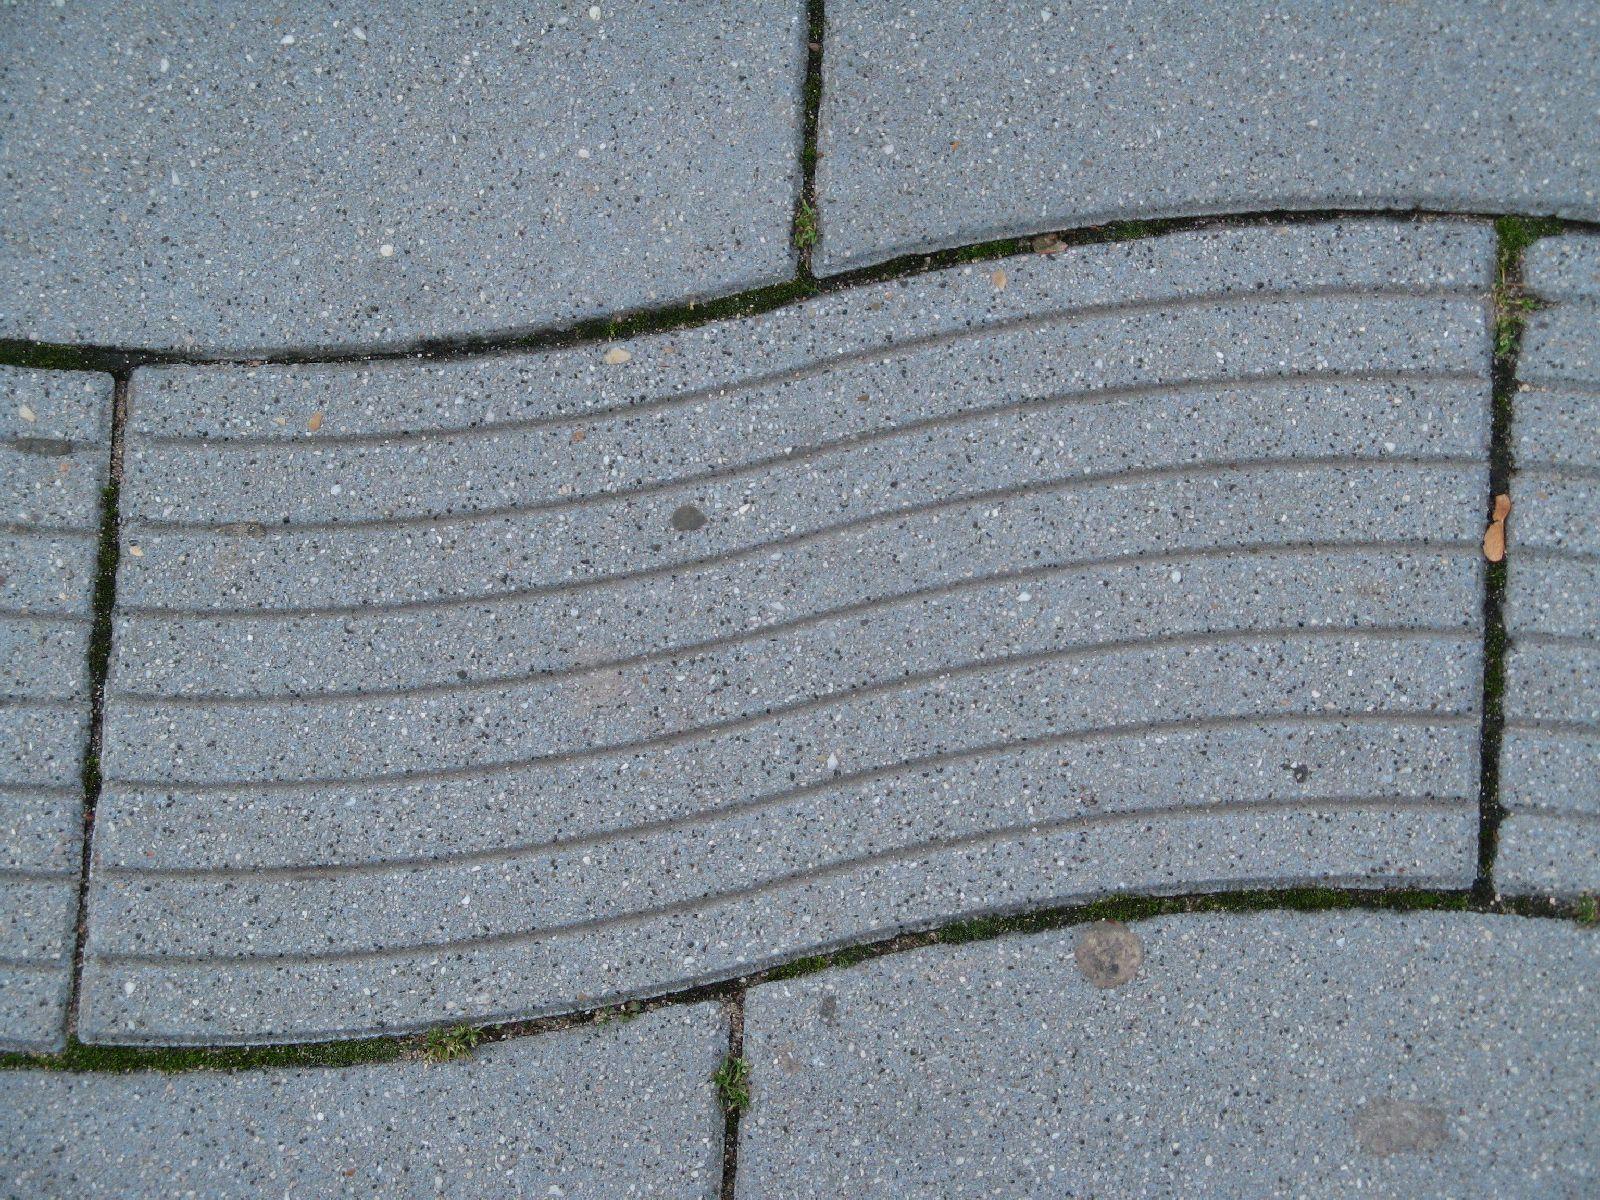 Ground-Urban_Texture_B_1121